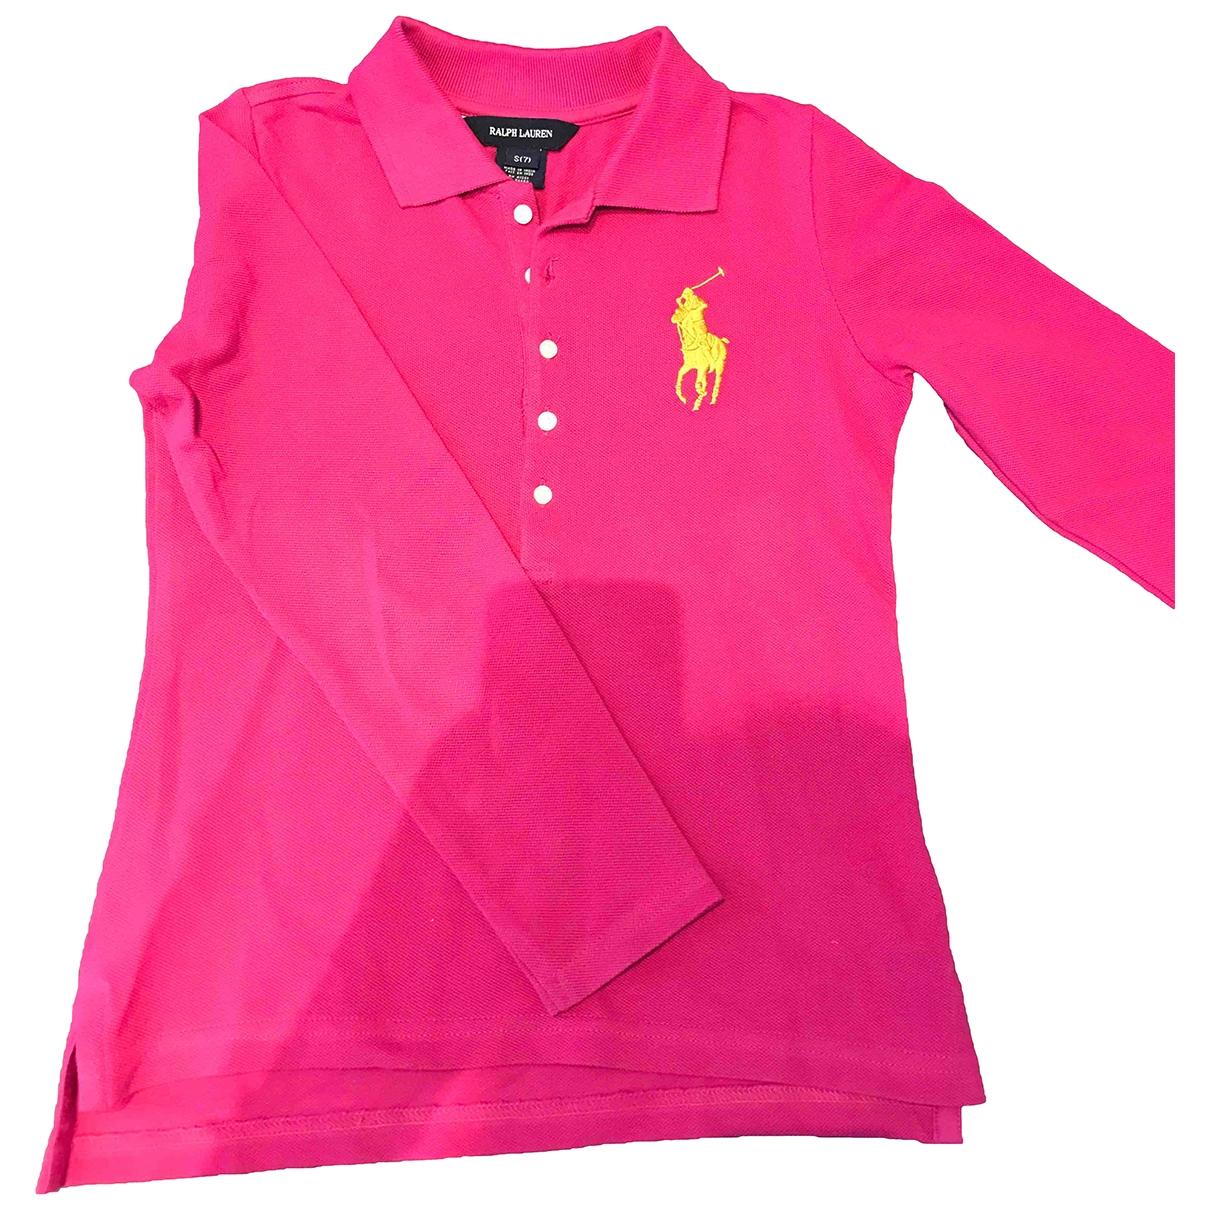 Camisetas en Algodon Rosa Ralph Lauren